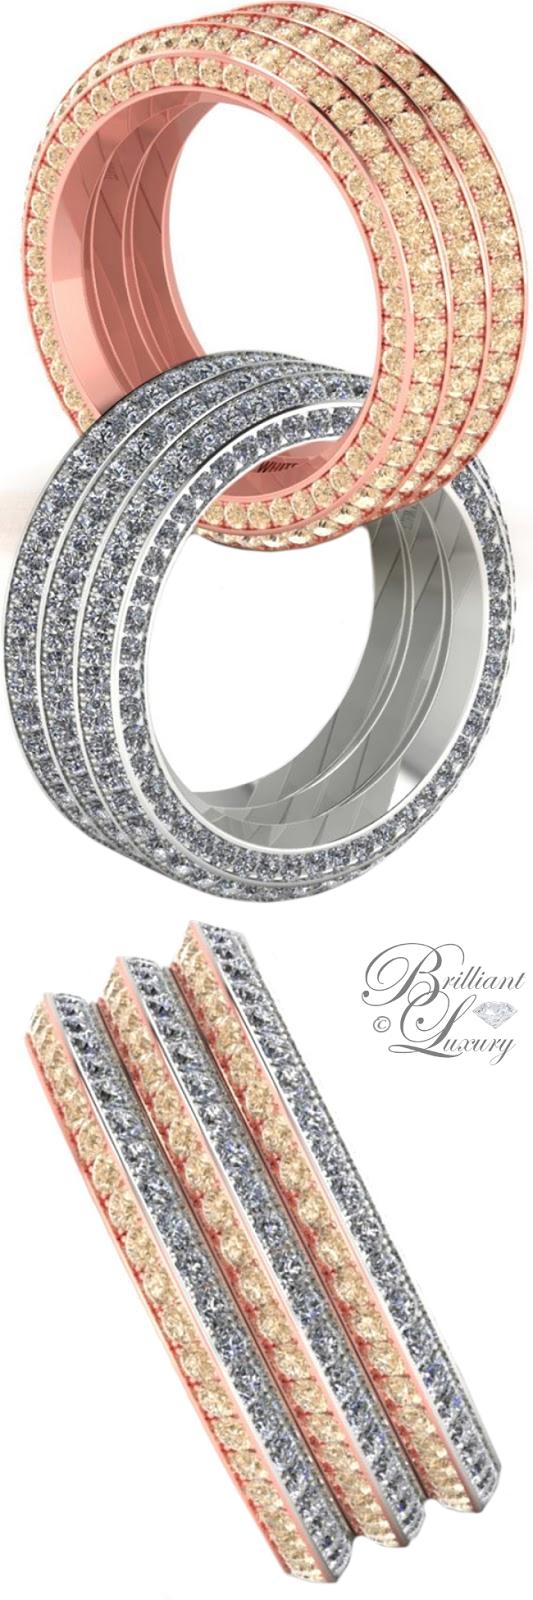 Brilliant Luxury ♦ Bobby White Chameleon Rings